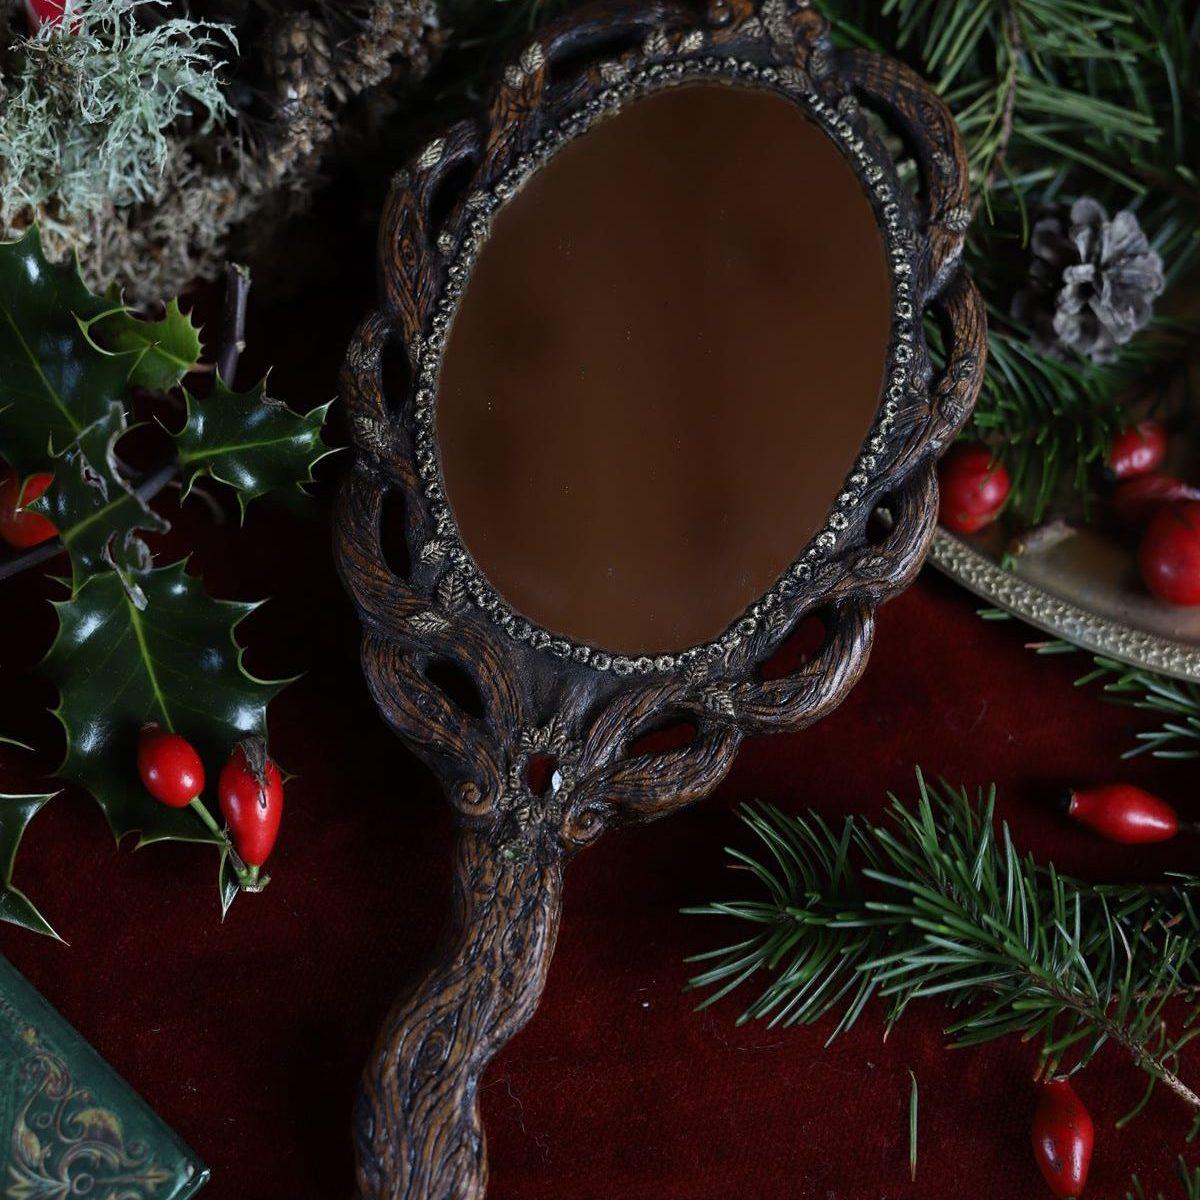 Miroir à main, sculpture, bois, arbre de vie, grenat, artisanat français, écologique, la lettre aux ours, atelier, missive to bears